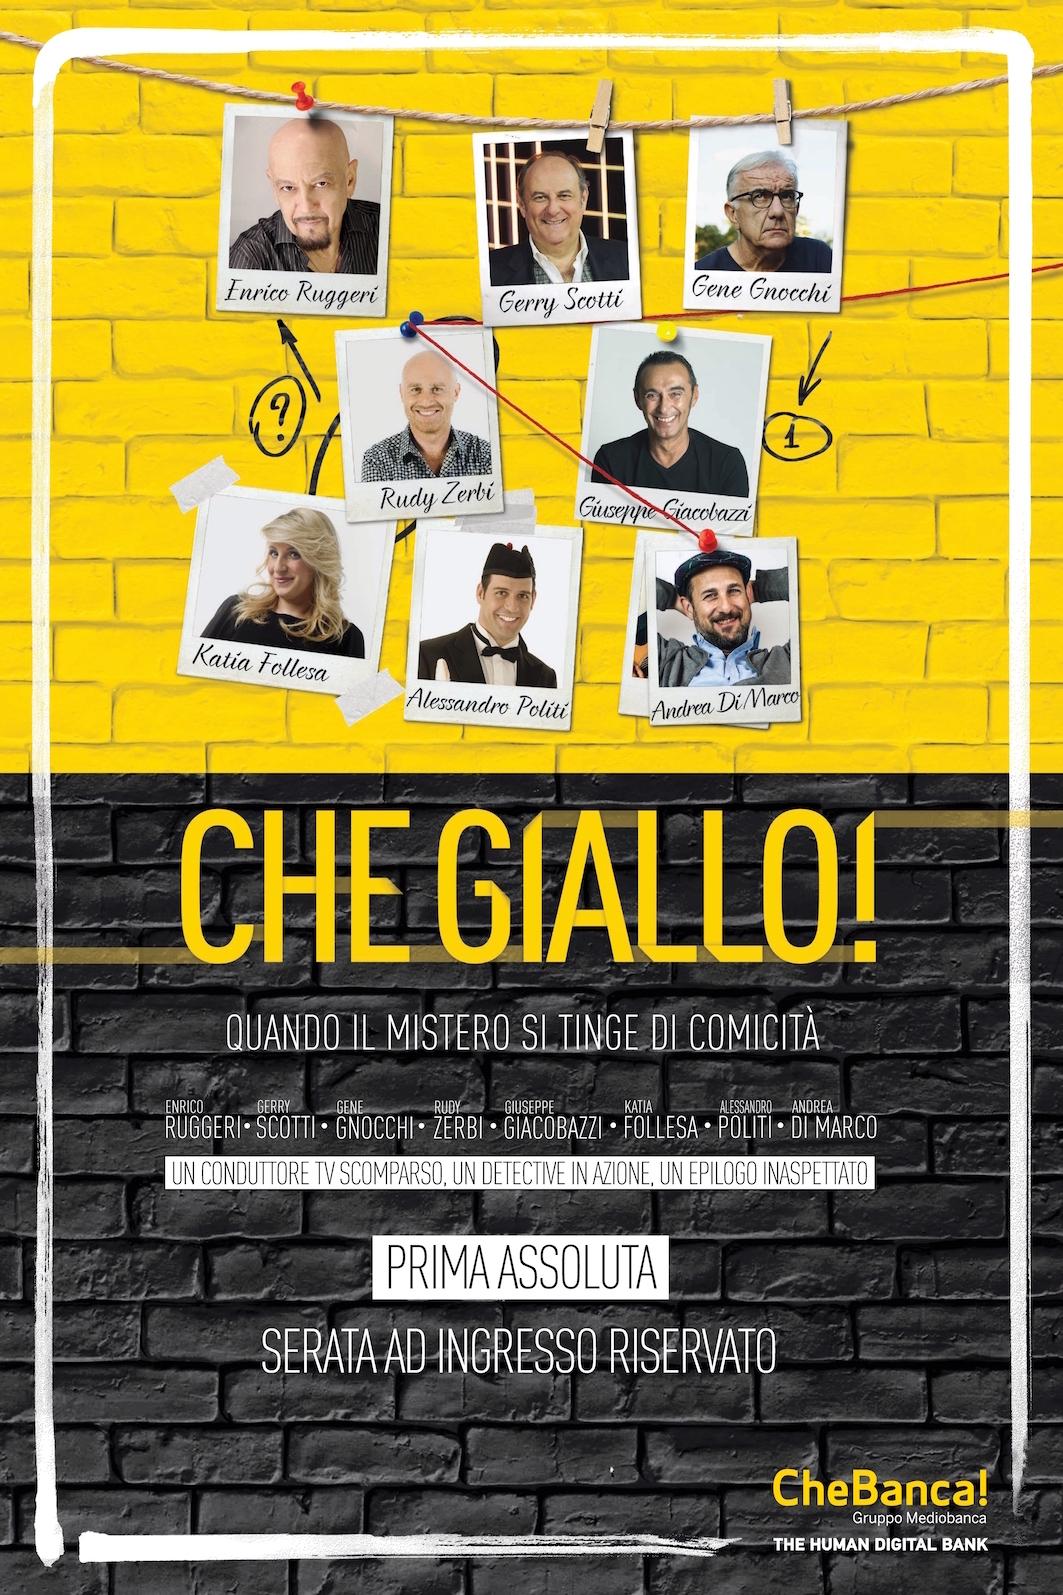 Locandina CheGiallo - #Chegiallo arriva lo spettacolo teatrale di Chebanca